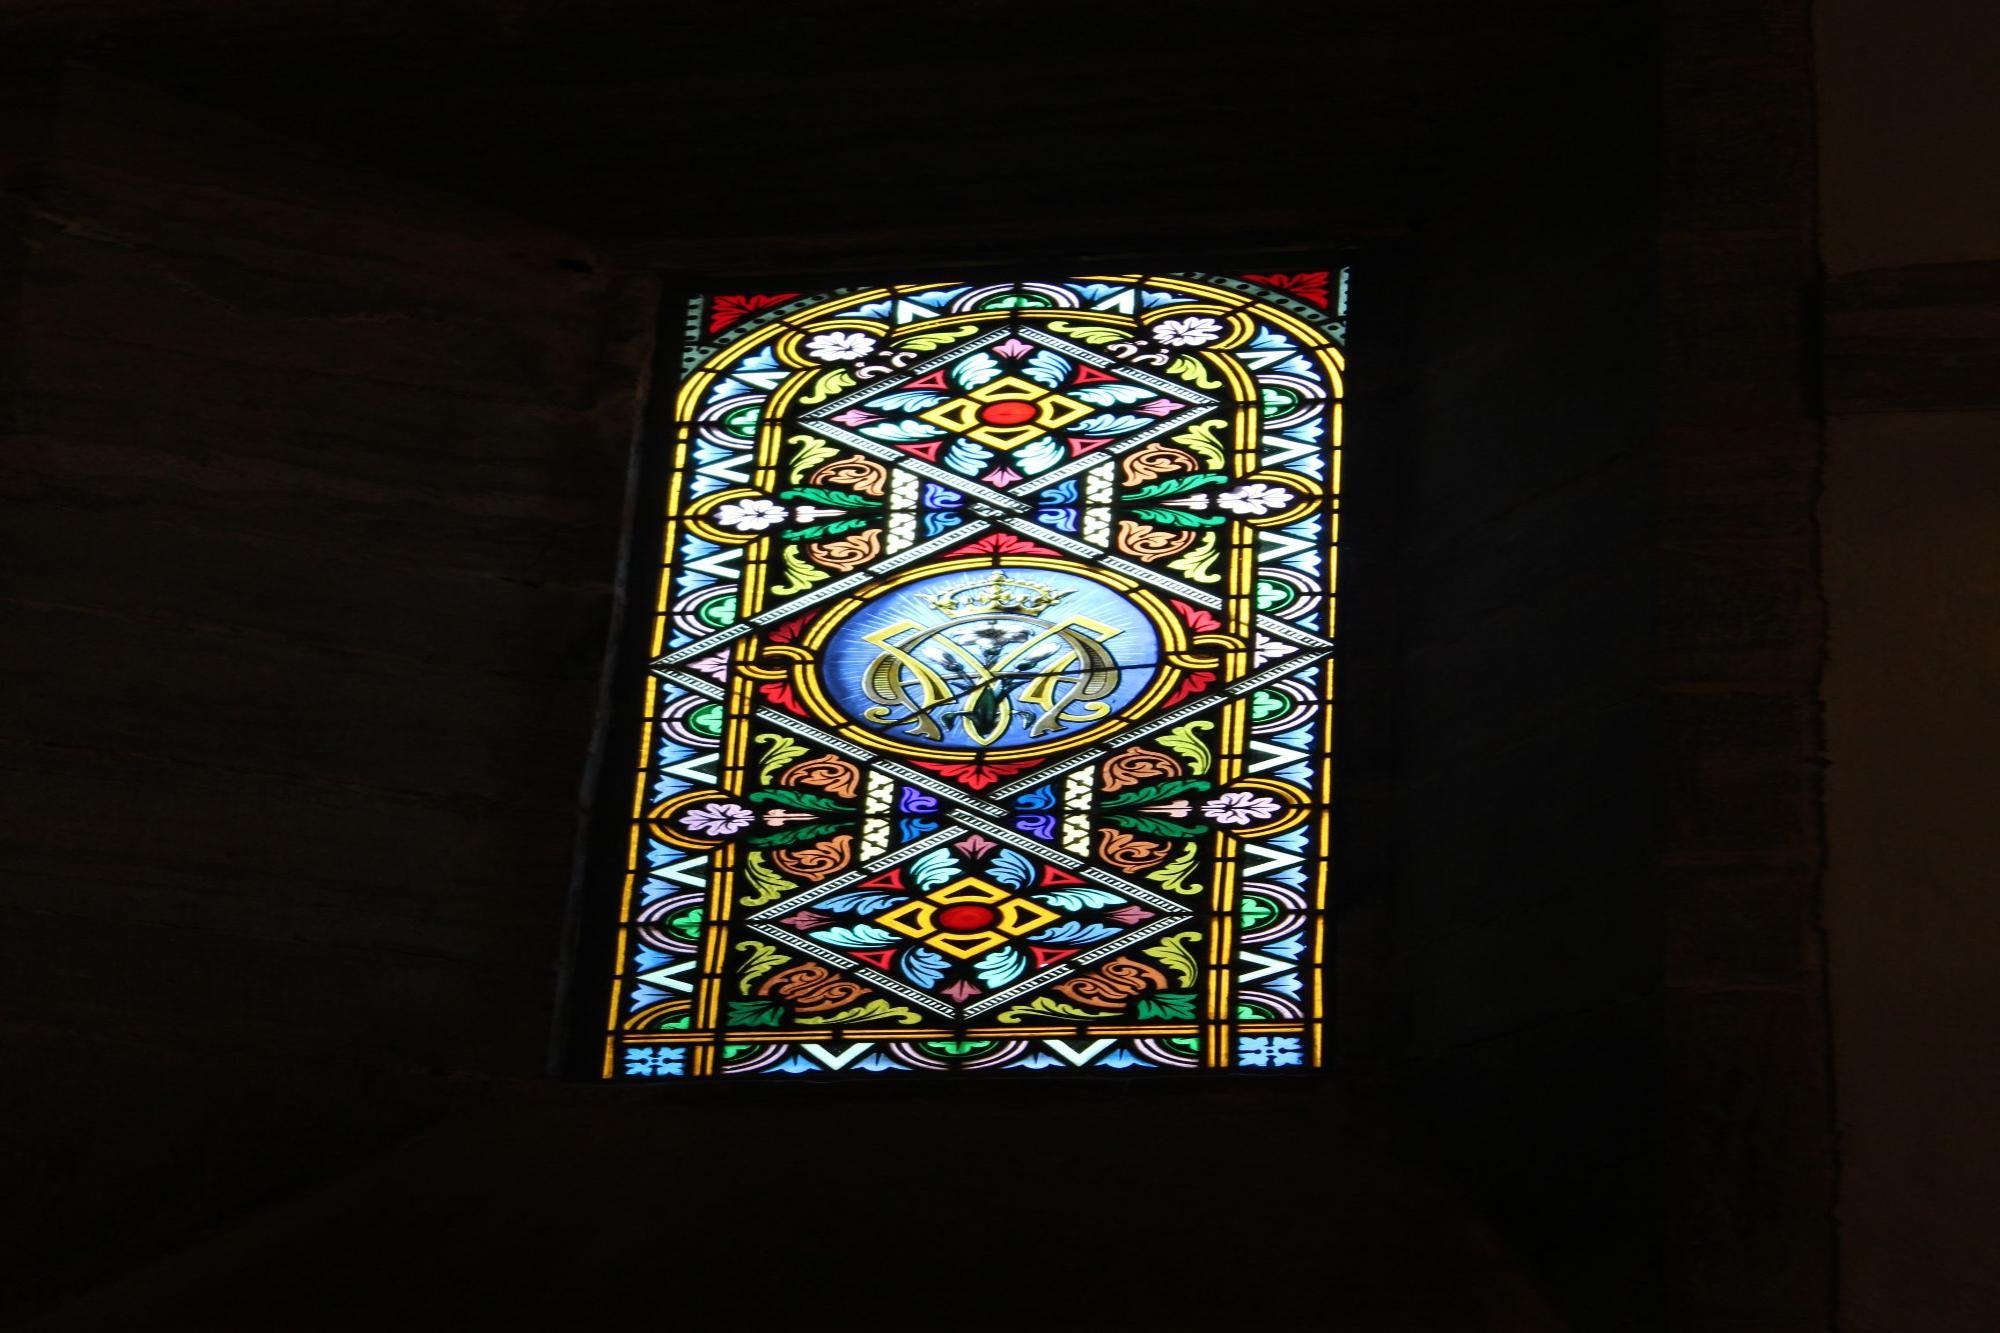 Detalle de una cristalera de la capilla